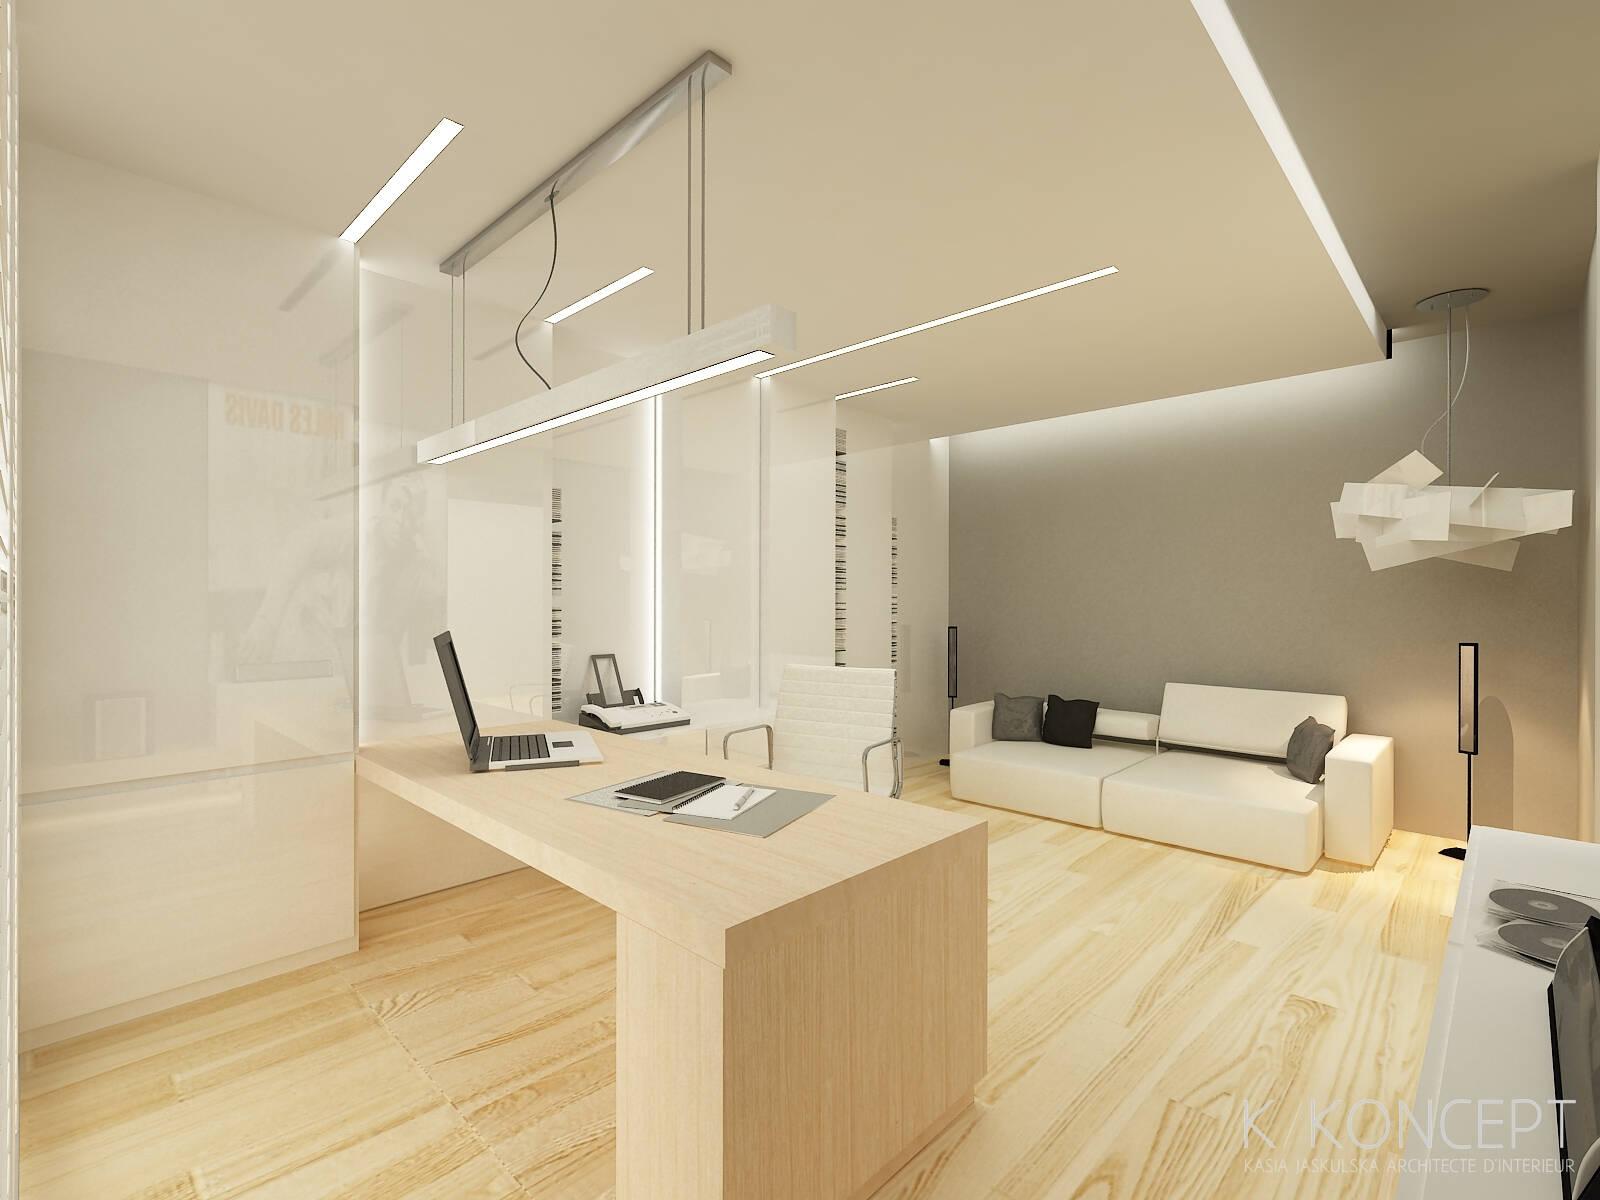 Bureau 15 m² u2013 kkoncept france